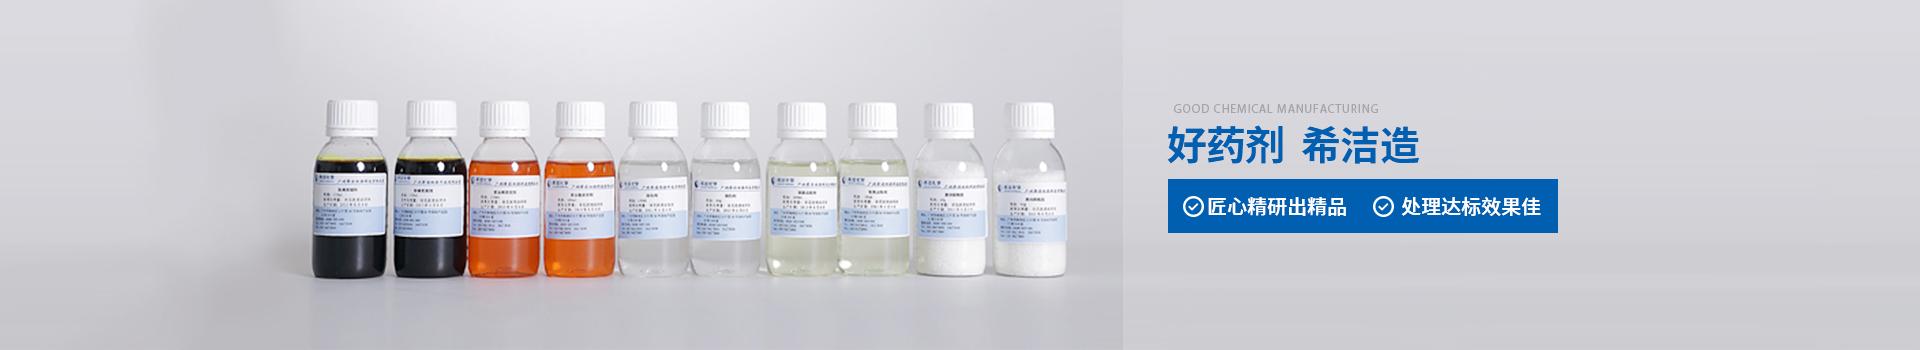 水处理药剂-广州希洁环保